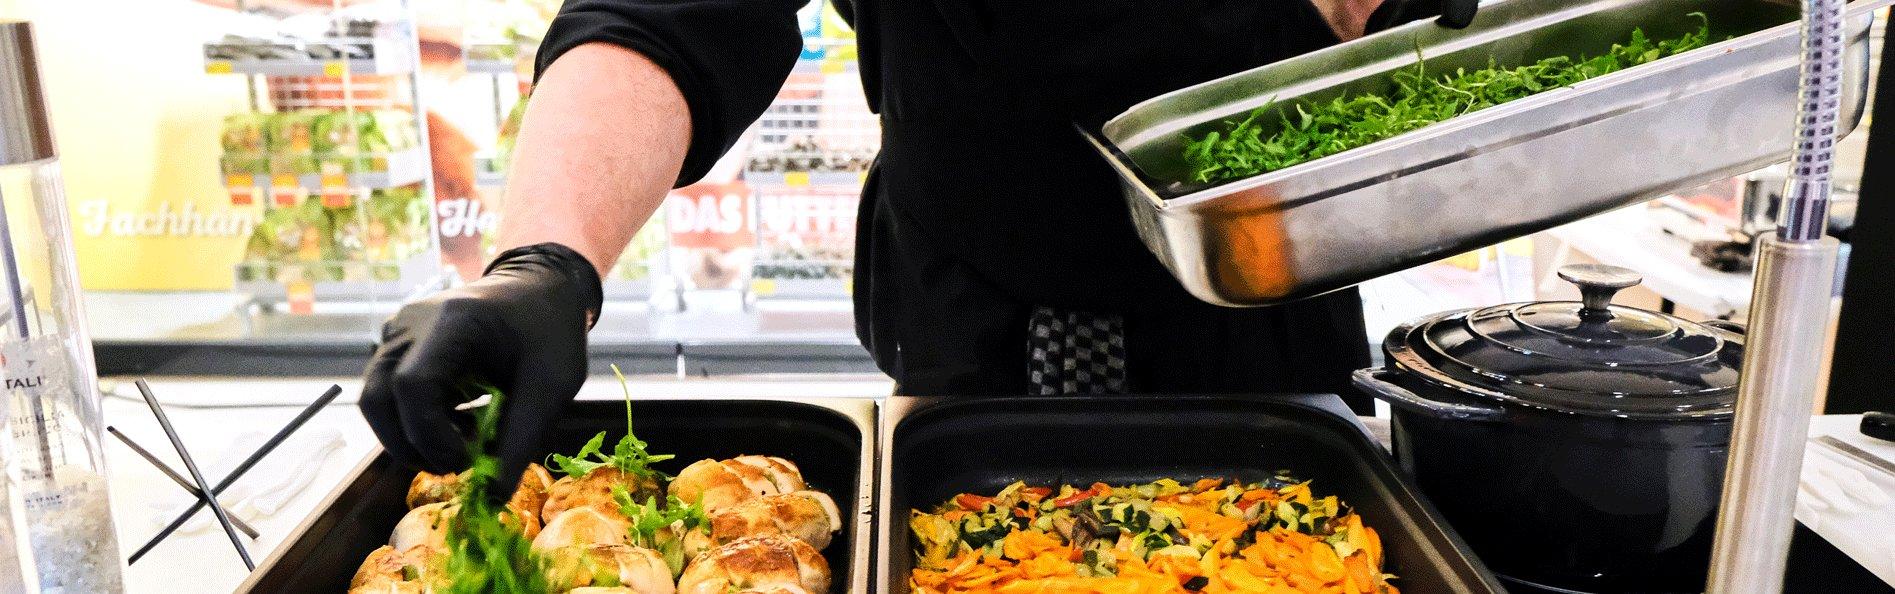 Privatkoch München - UNIKORN Catering